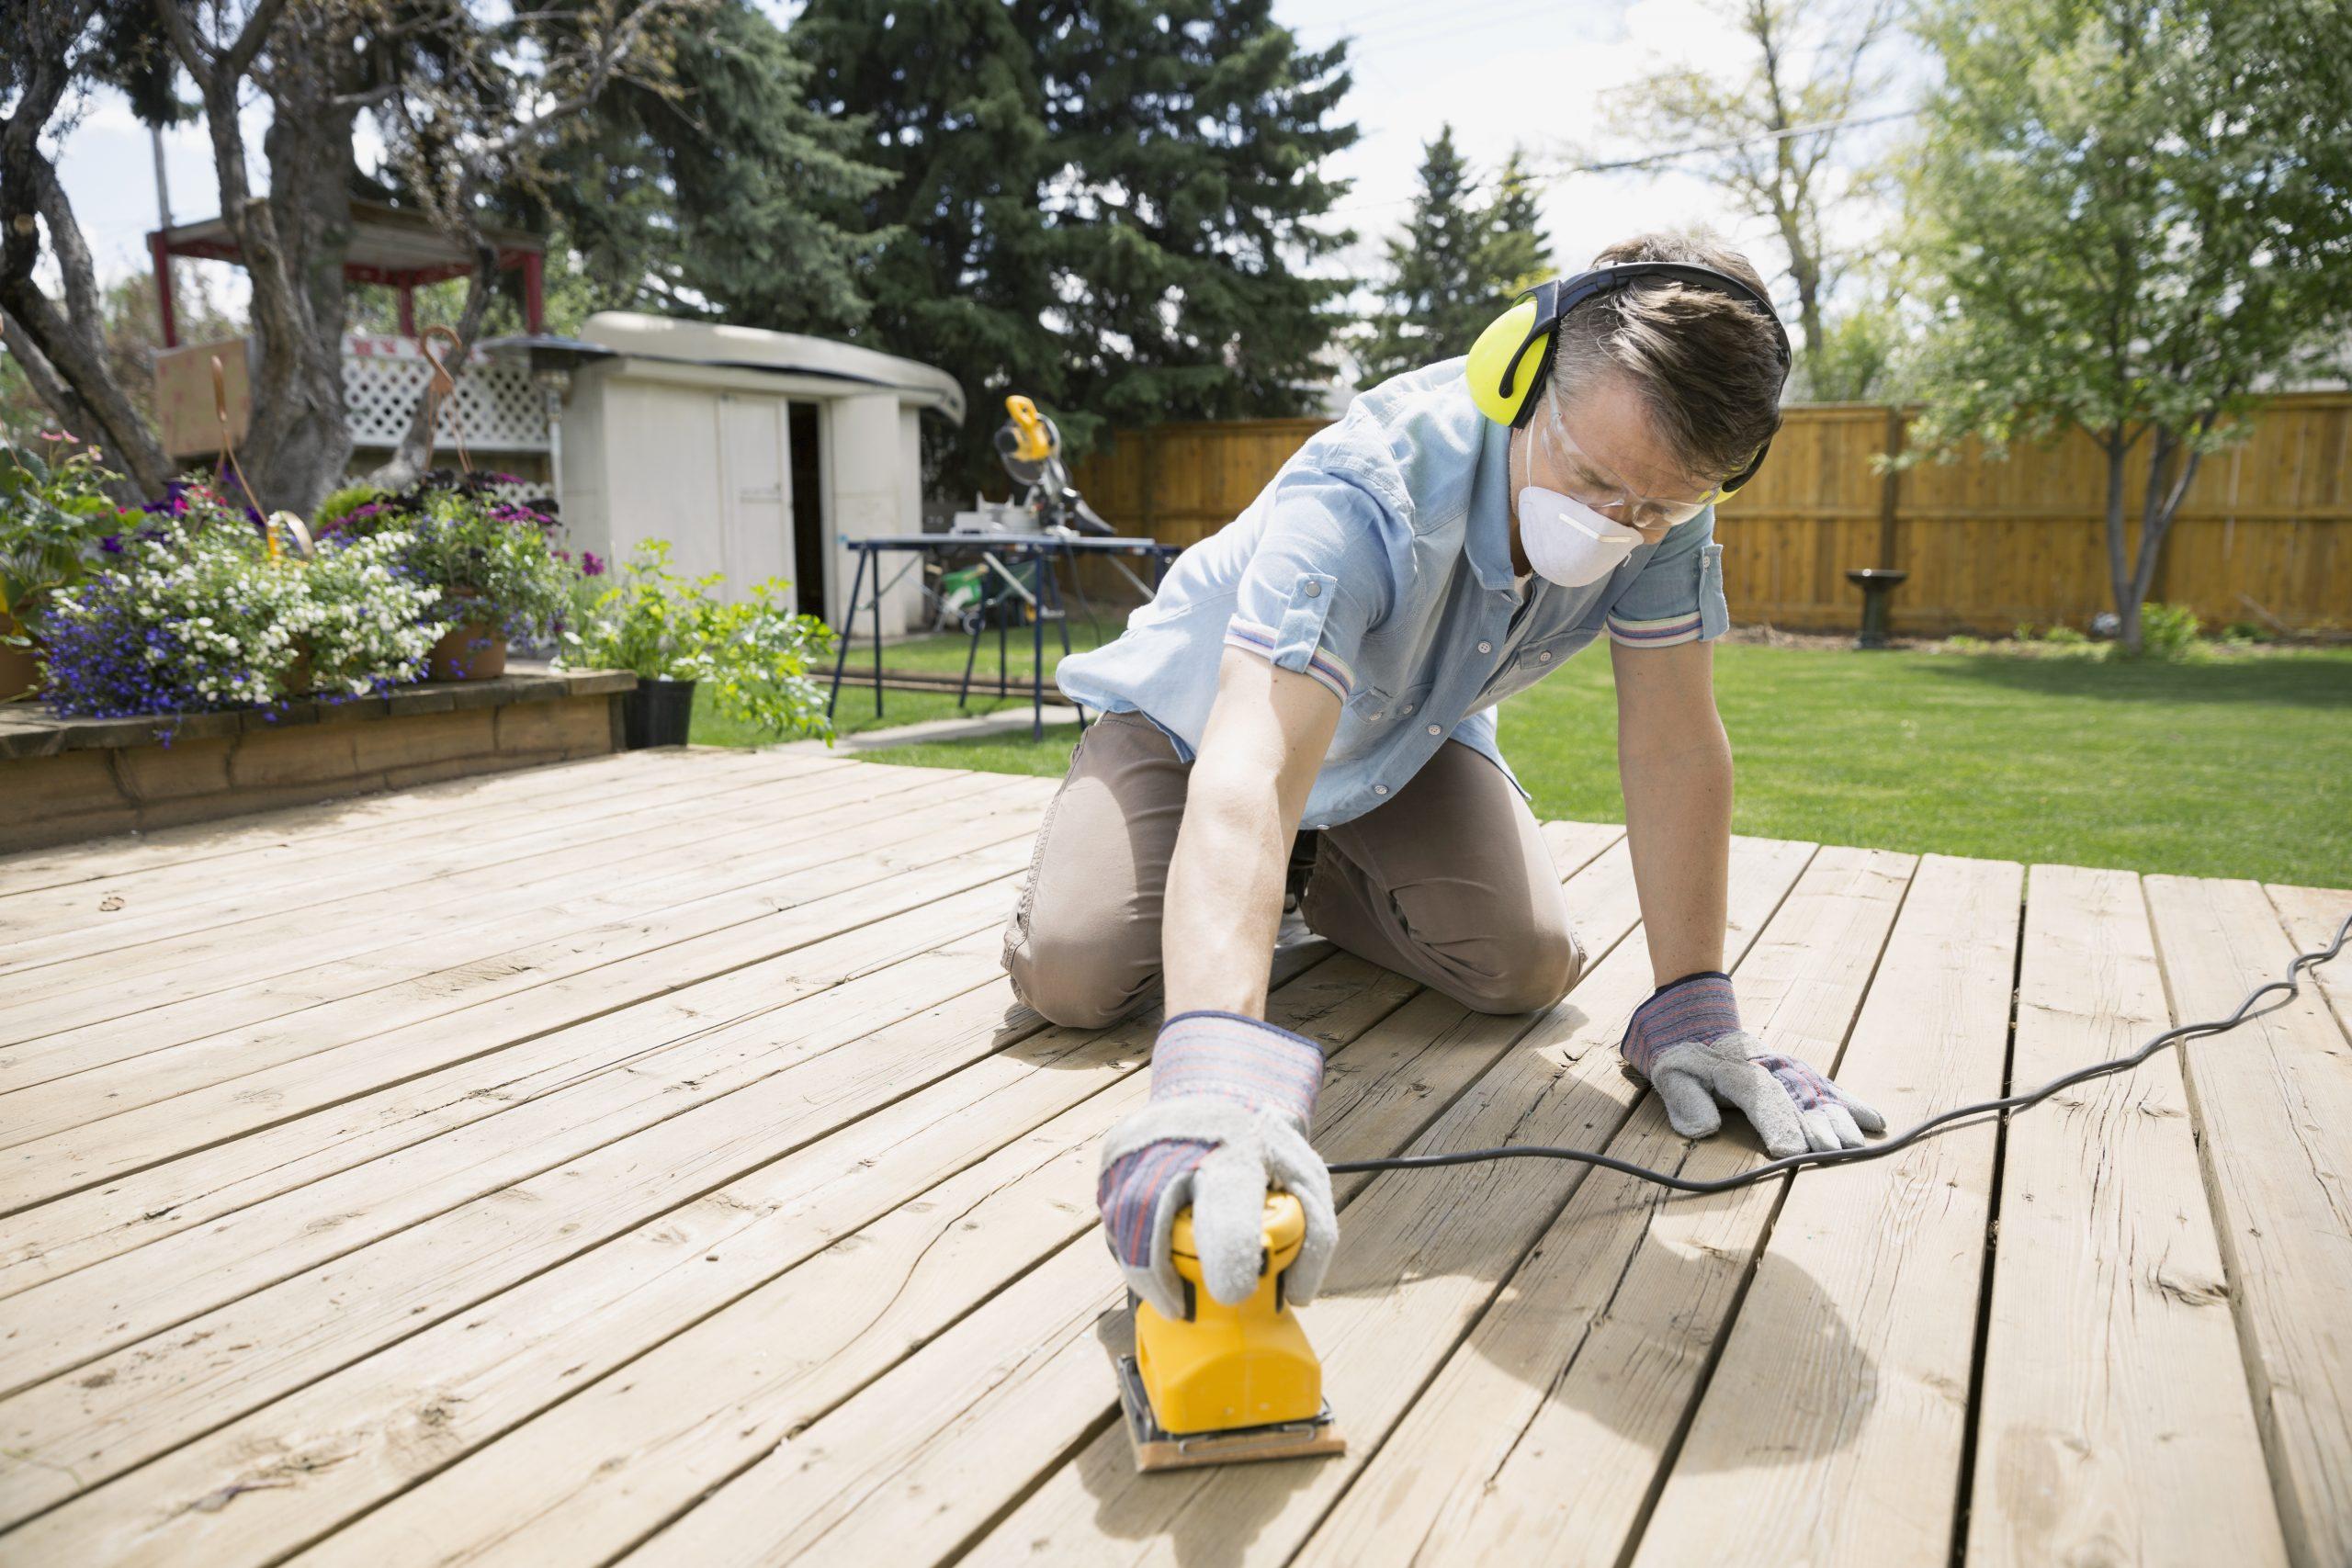 Construction D'un Abri De Jardin - Maison&travaux pour Comment Faire Un Abri De Jardin